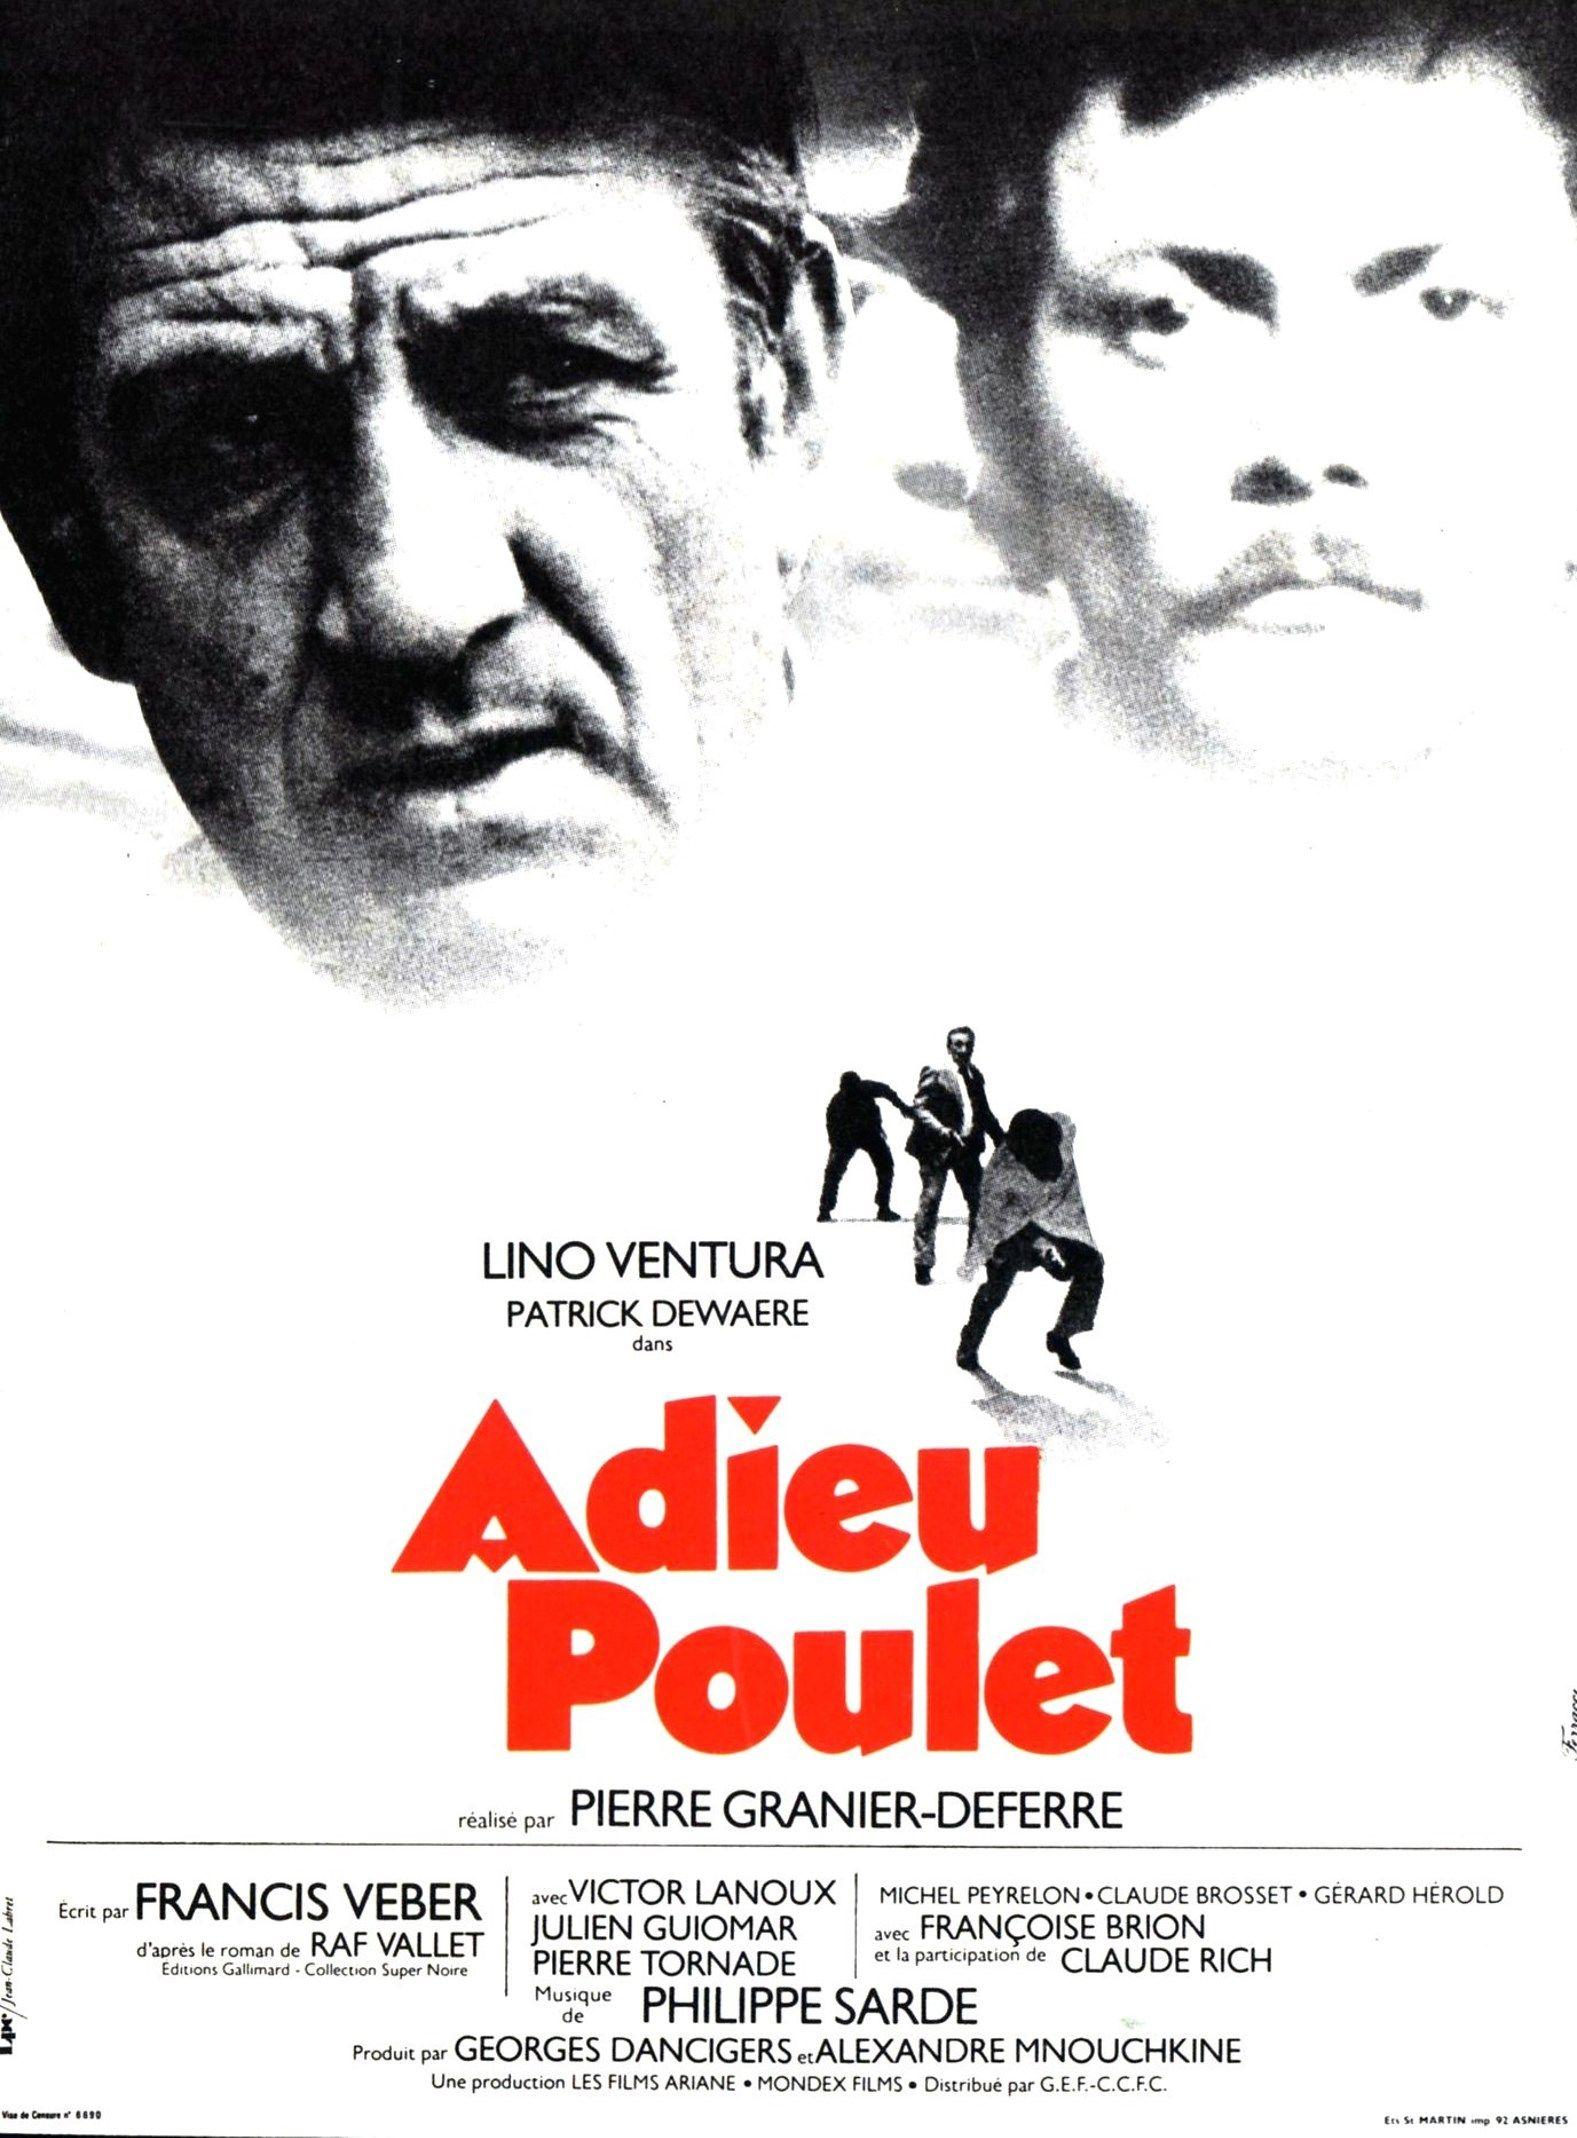 Adieu Poulet Pierre Granier Deferre Affiche Film Dewaere Cinema Francais